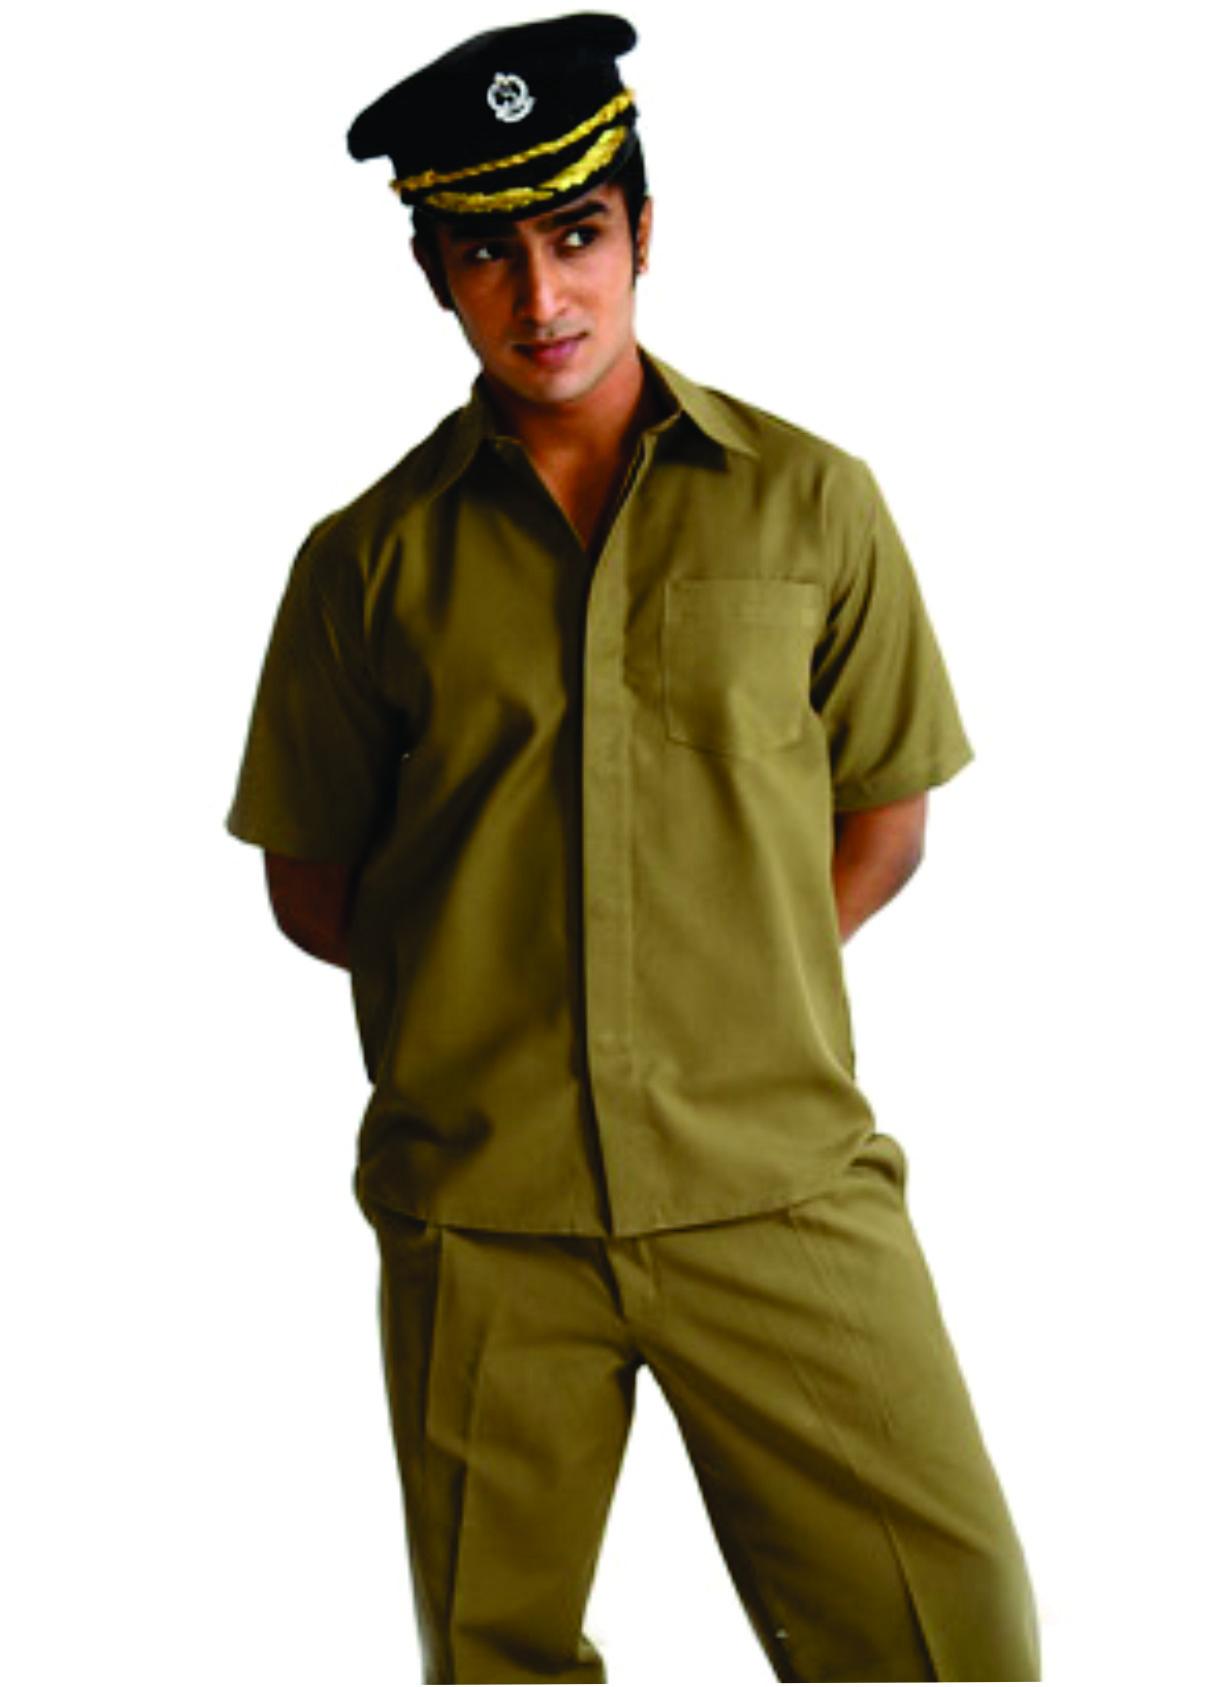 Driver Uniform 01